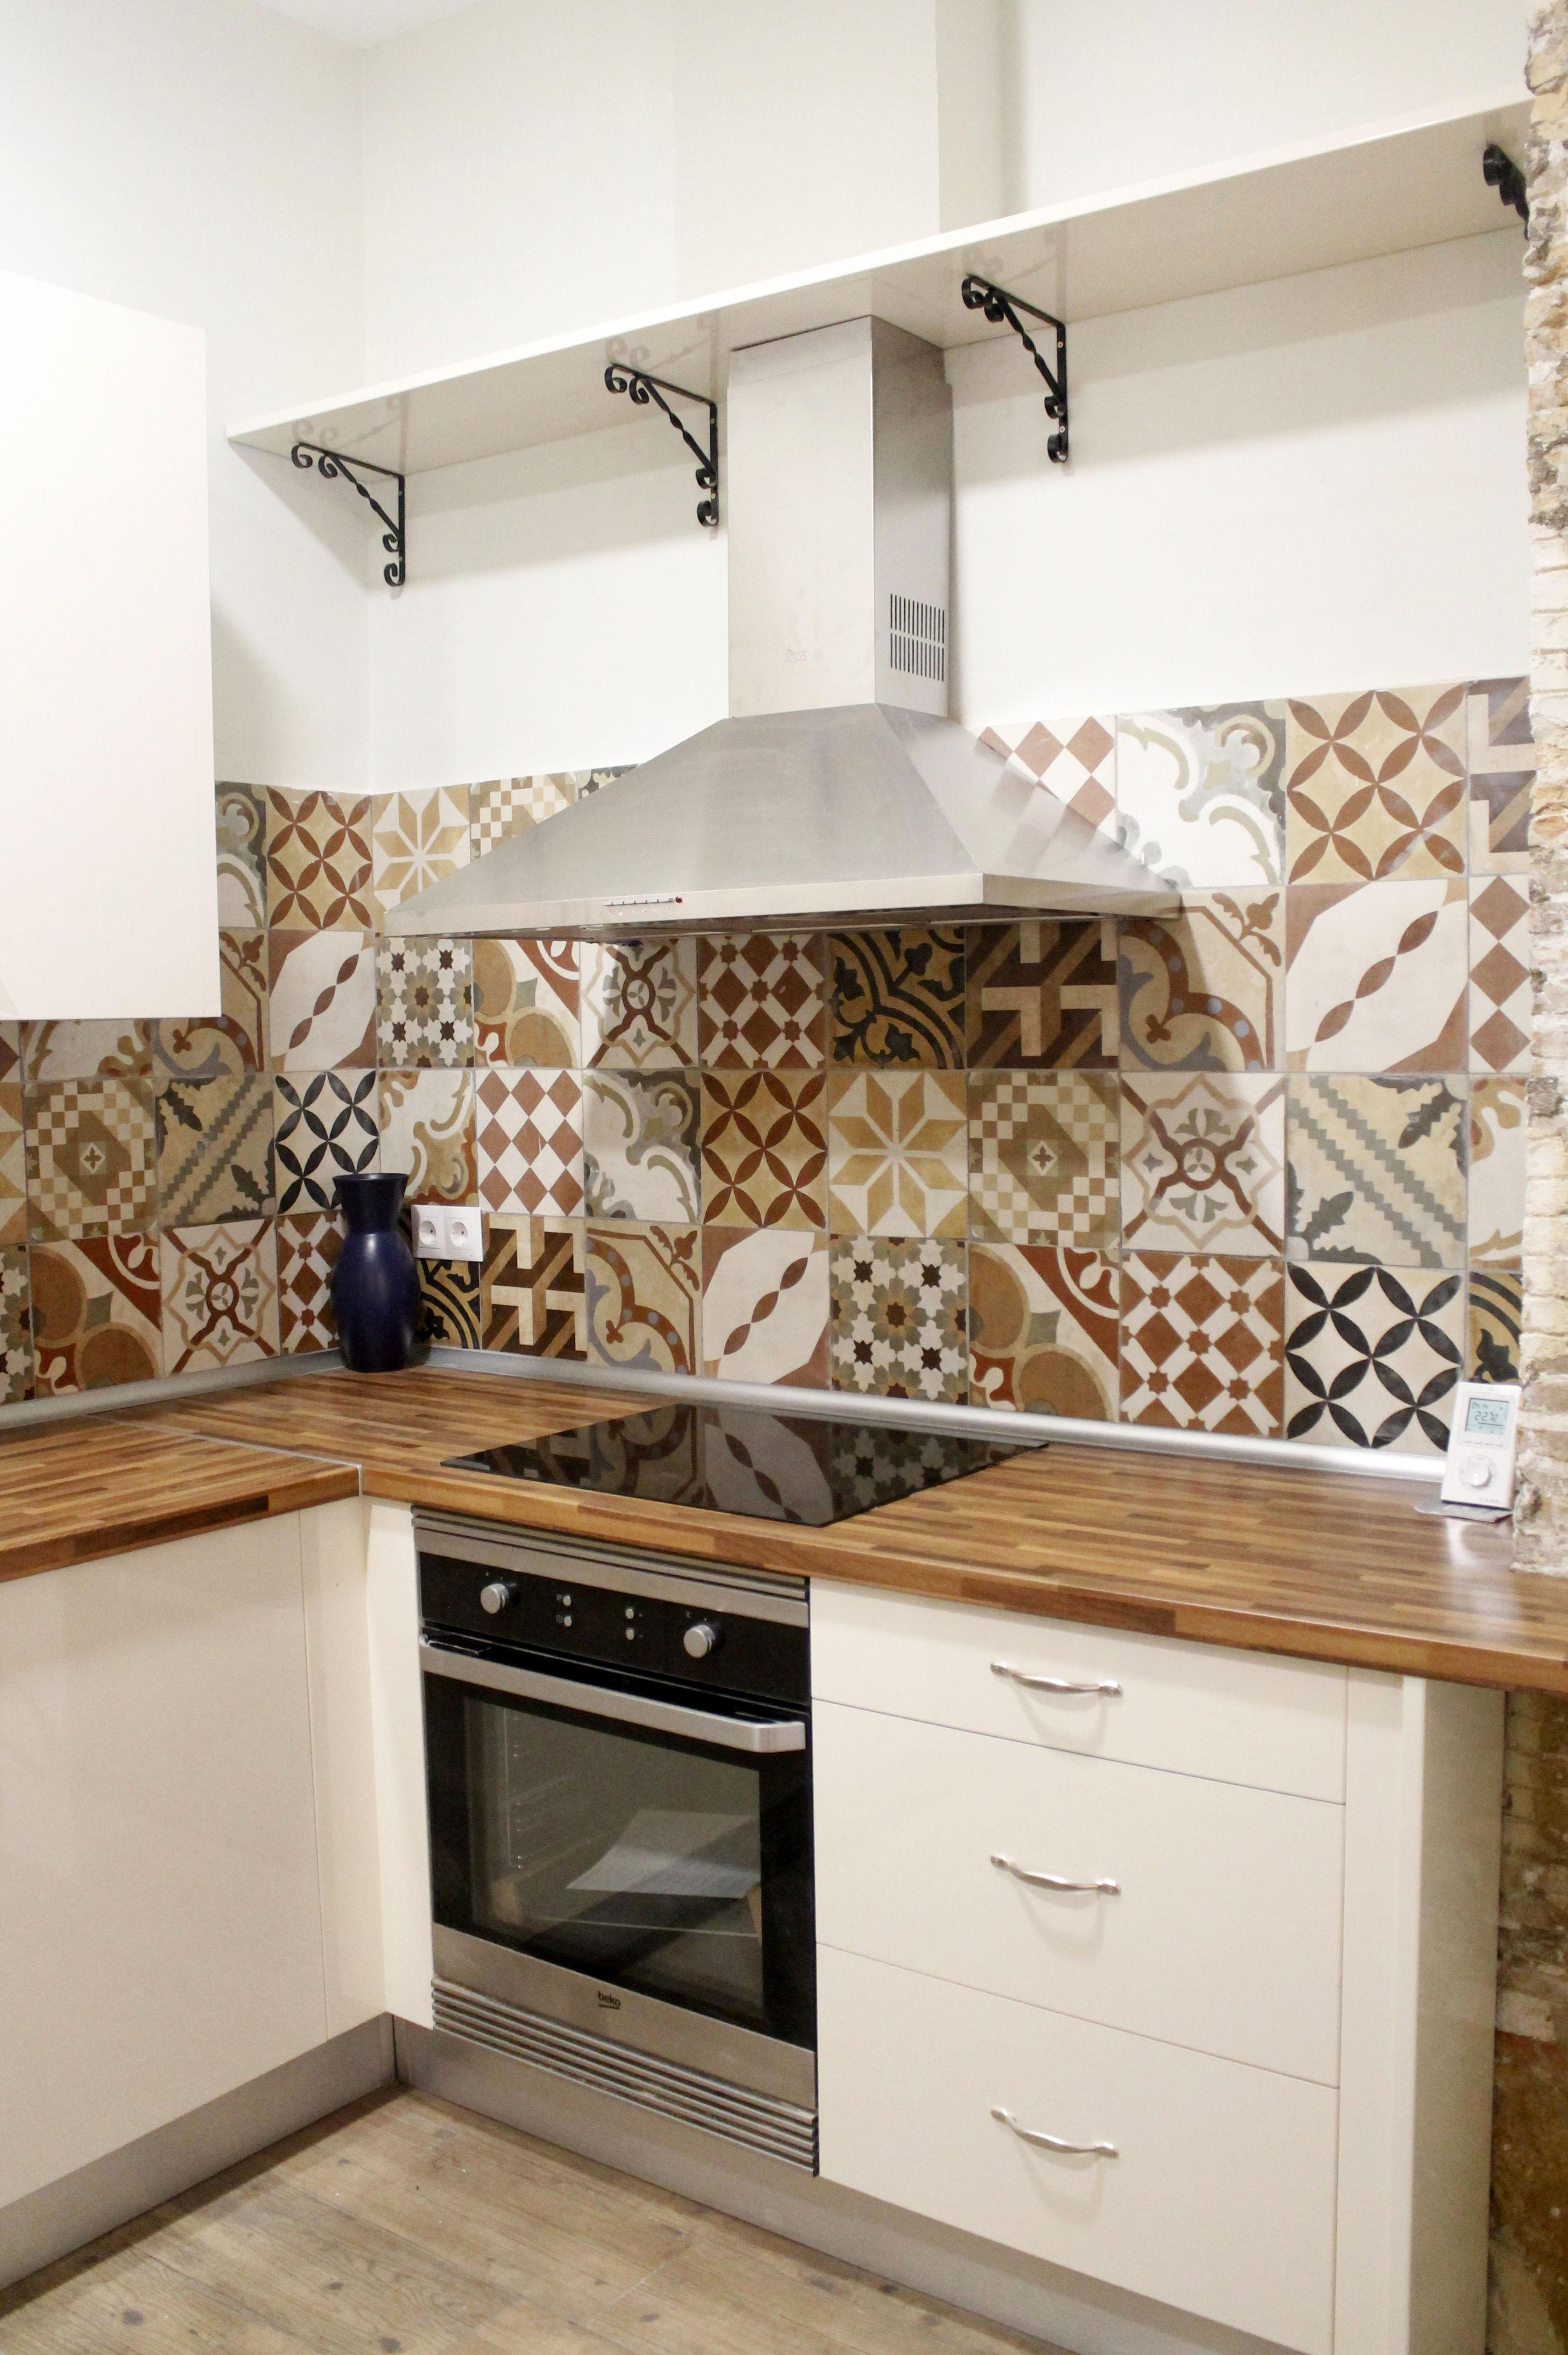 Reforma integral de cocina en Alicante